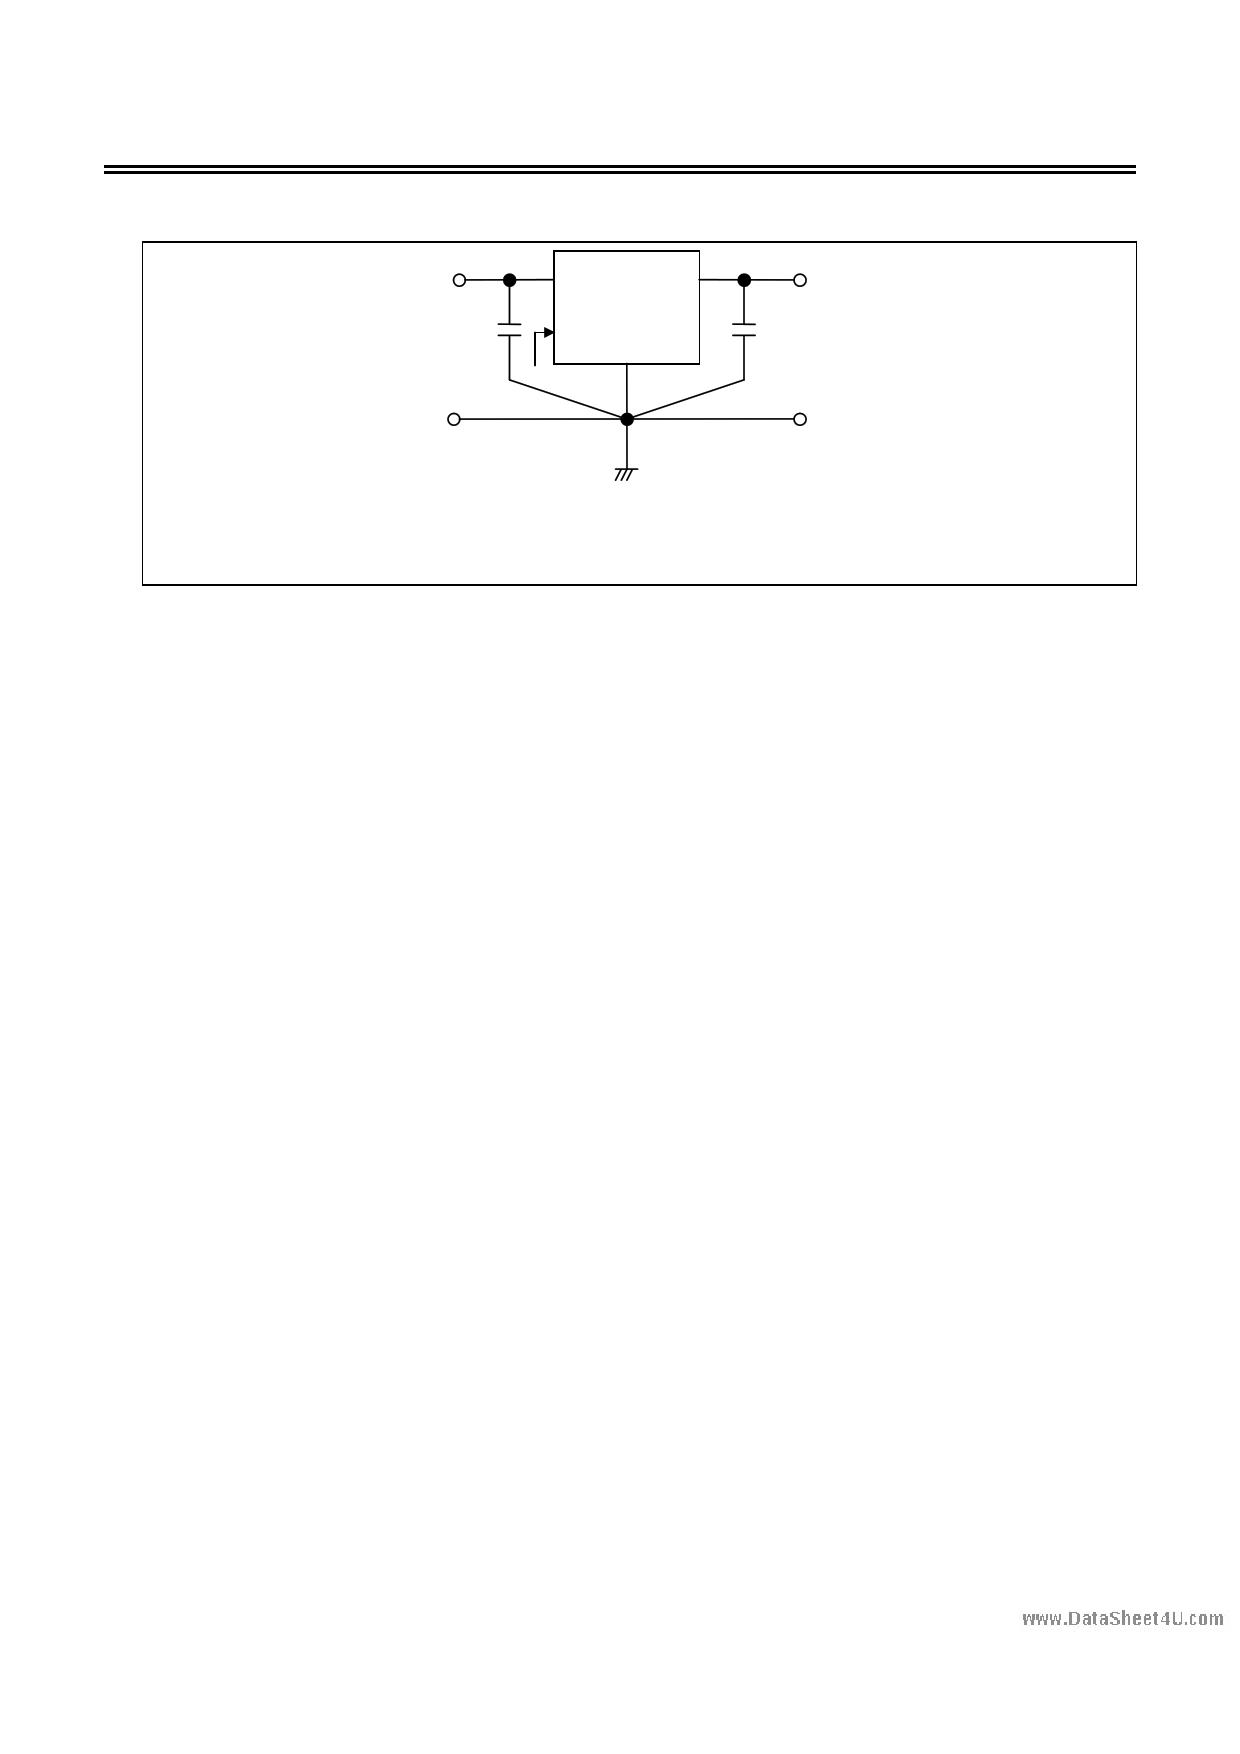 S-1170B arduino